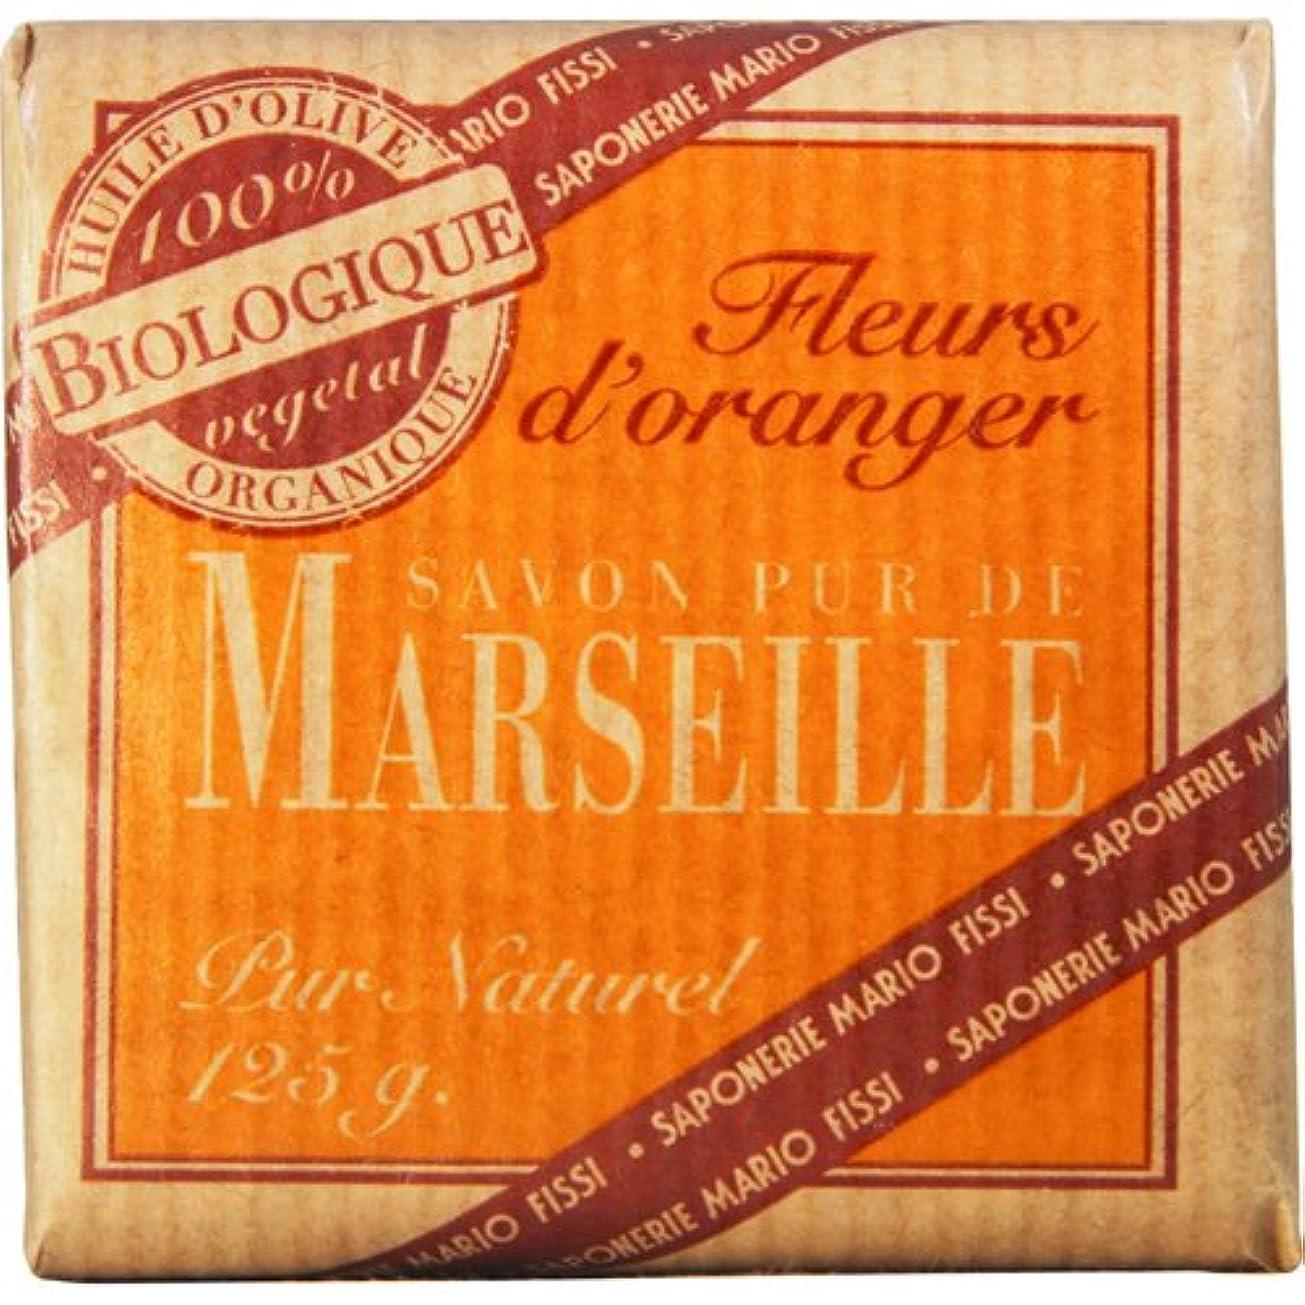 製作ペダル洗練されたSaponerire Fissi マルセイユシリーズ マルセイユソープ 125g Orange Flower オレンジフラワー